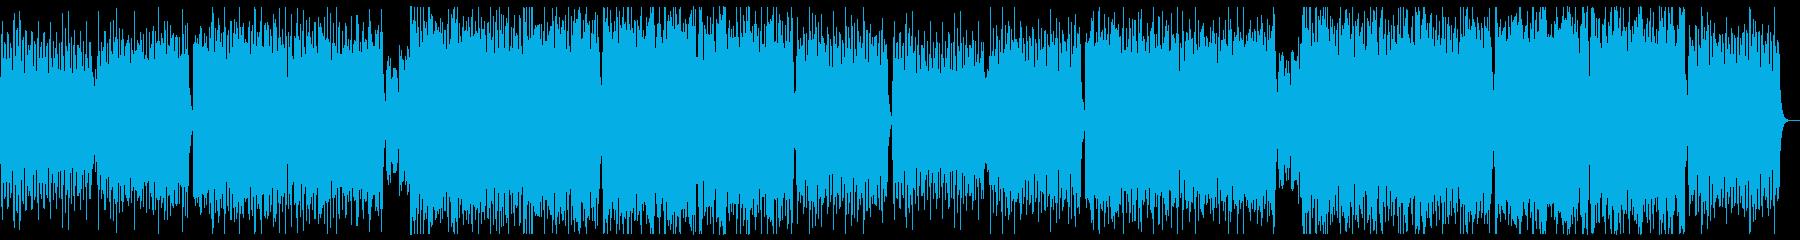 楽しく遊ぶポップピアノ:フル2回の再生済みの波形